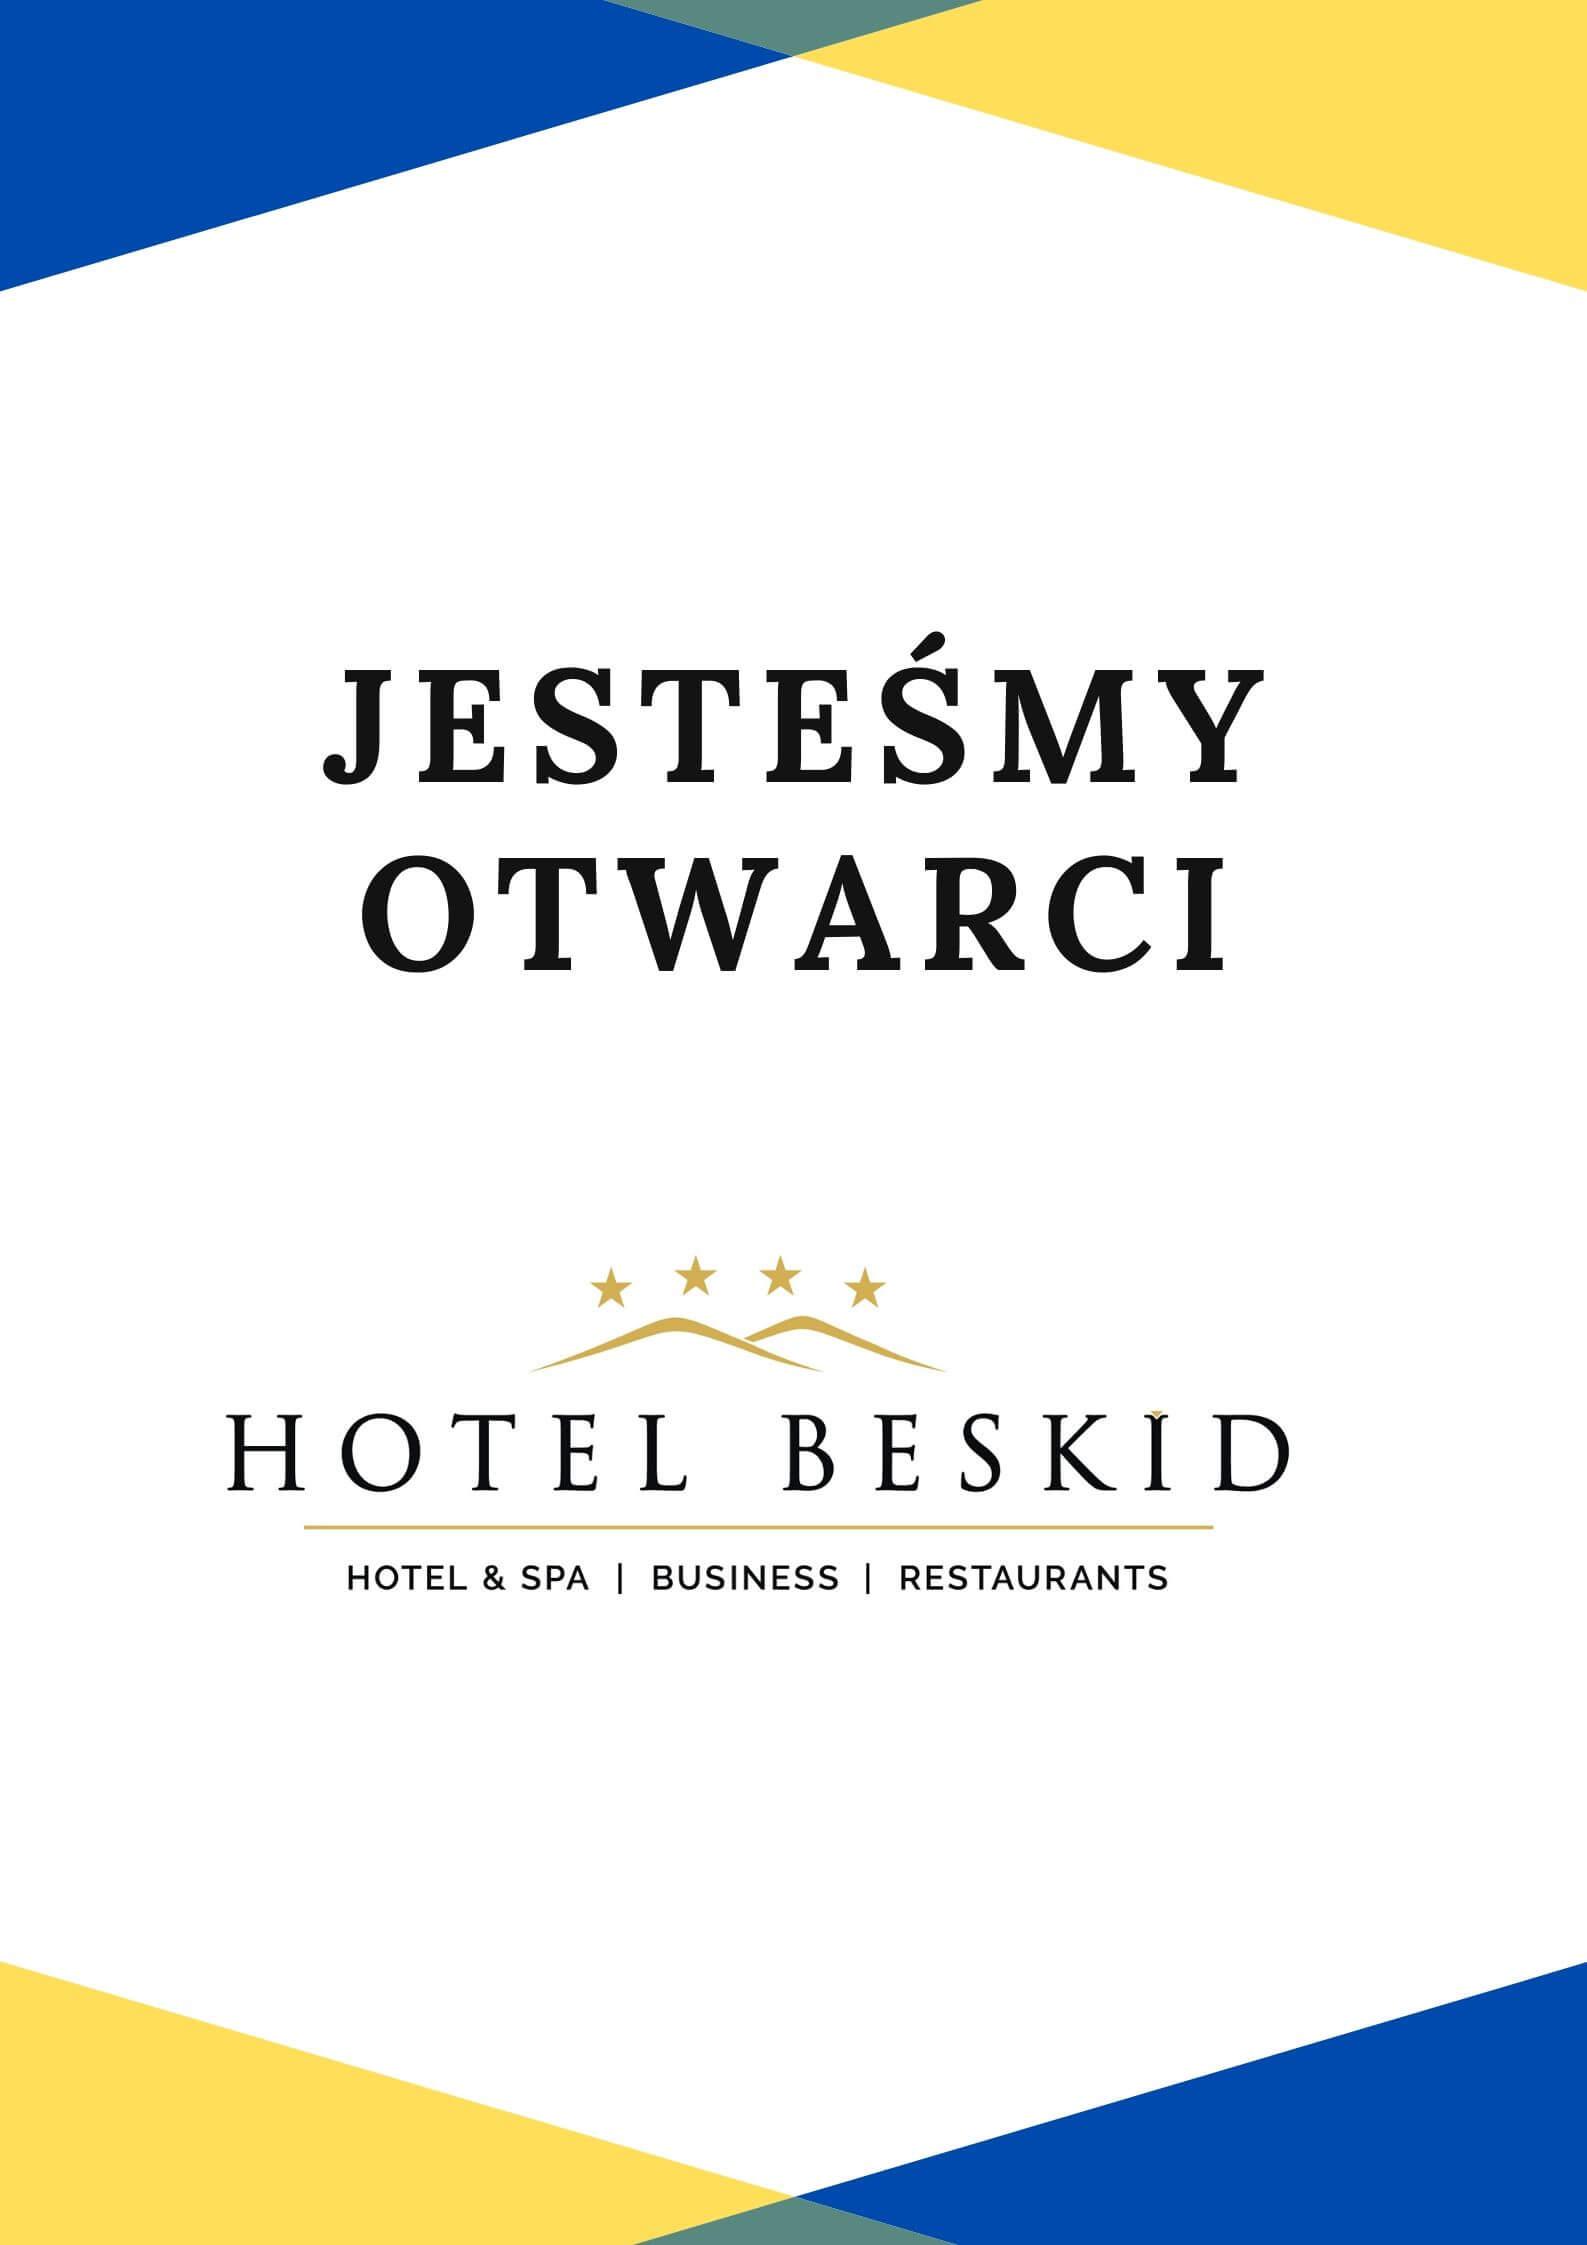 INFO HOTEL BESKID - Hotel Beskid****